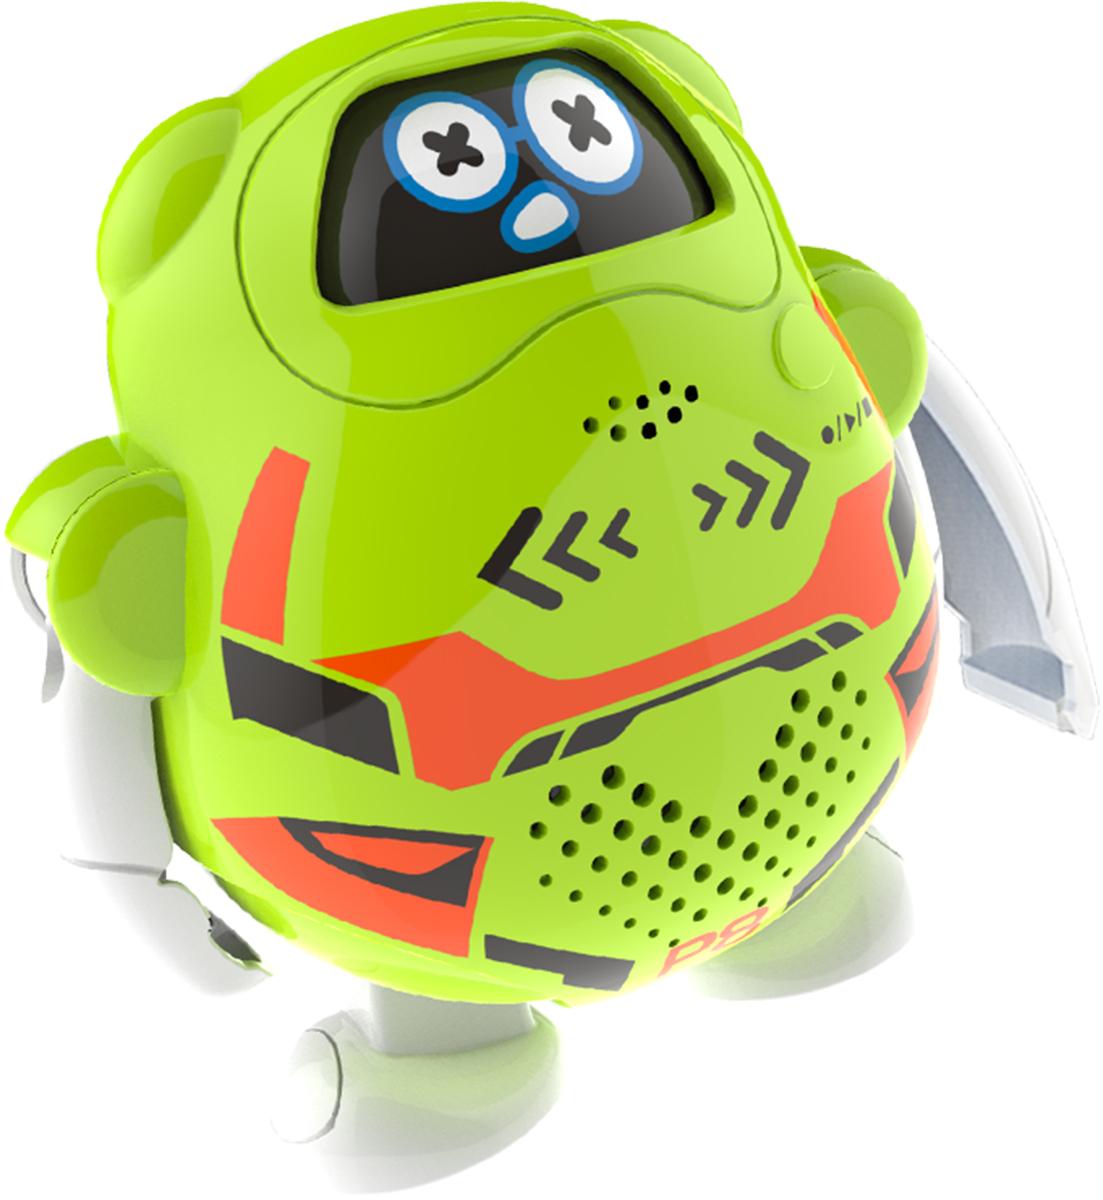 Silverlit Old School Робот Токибо цвет зеленый - Интерактивные игрушки